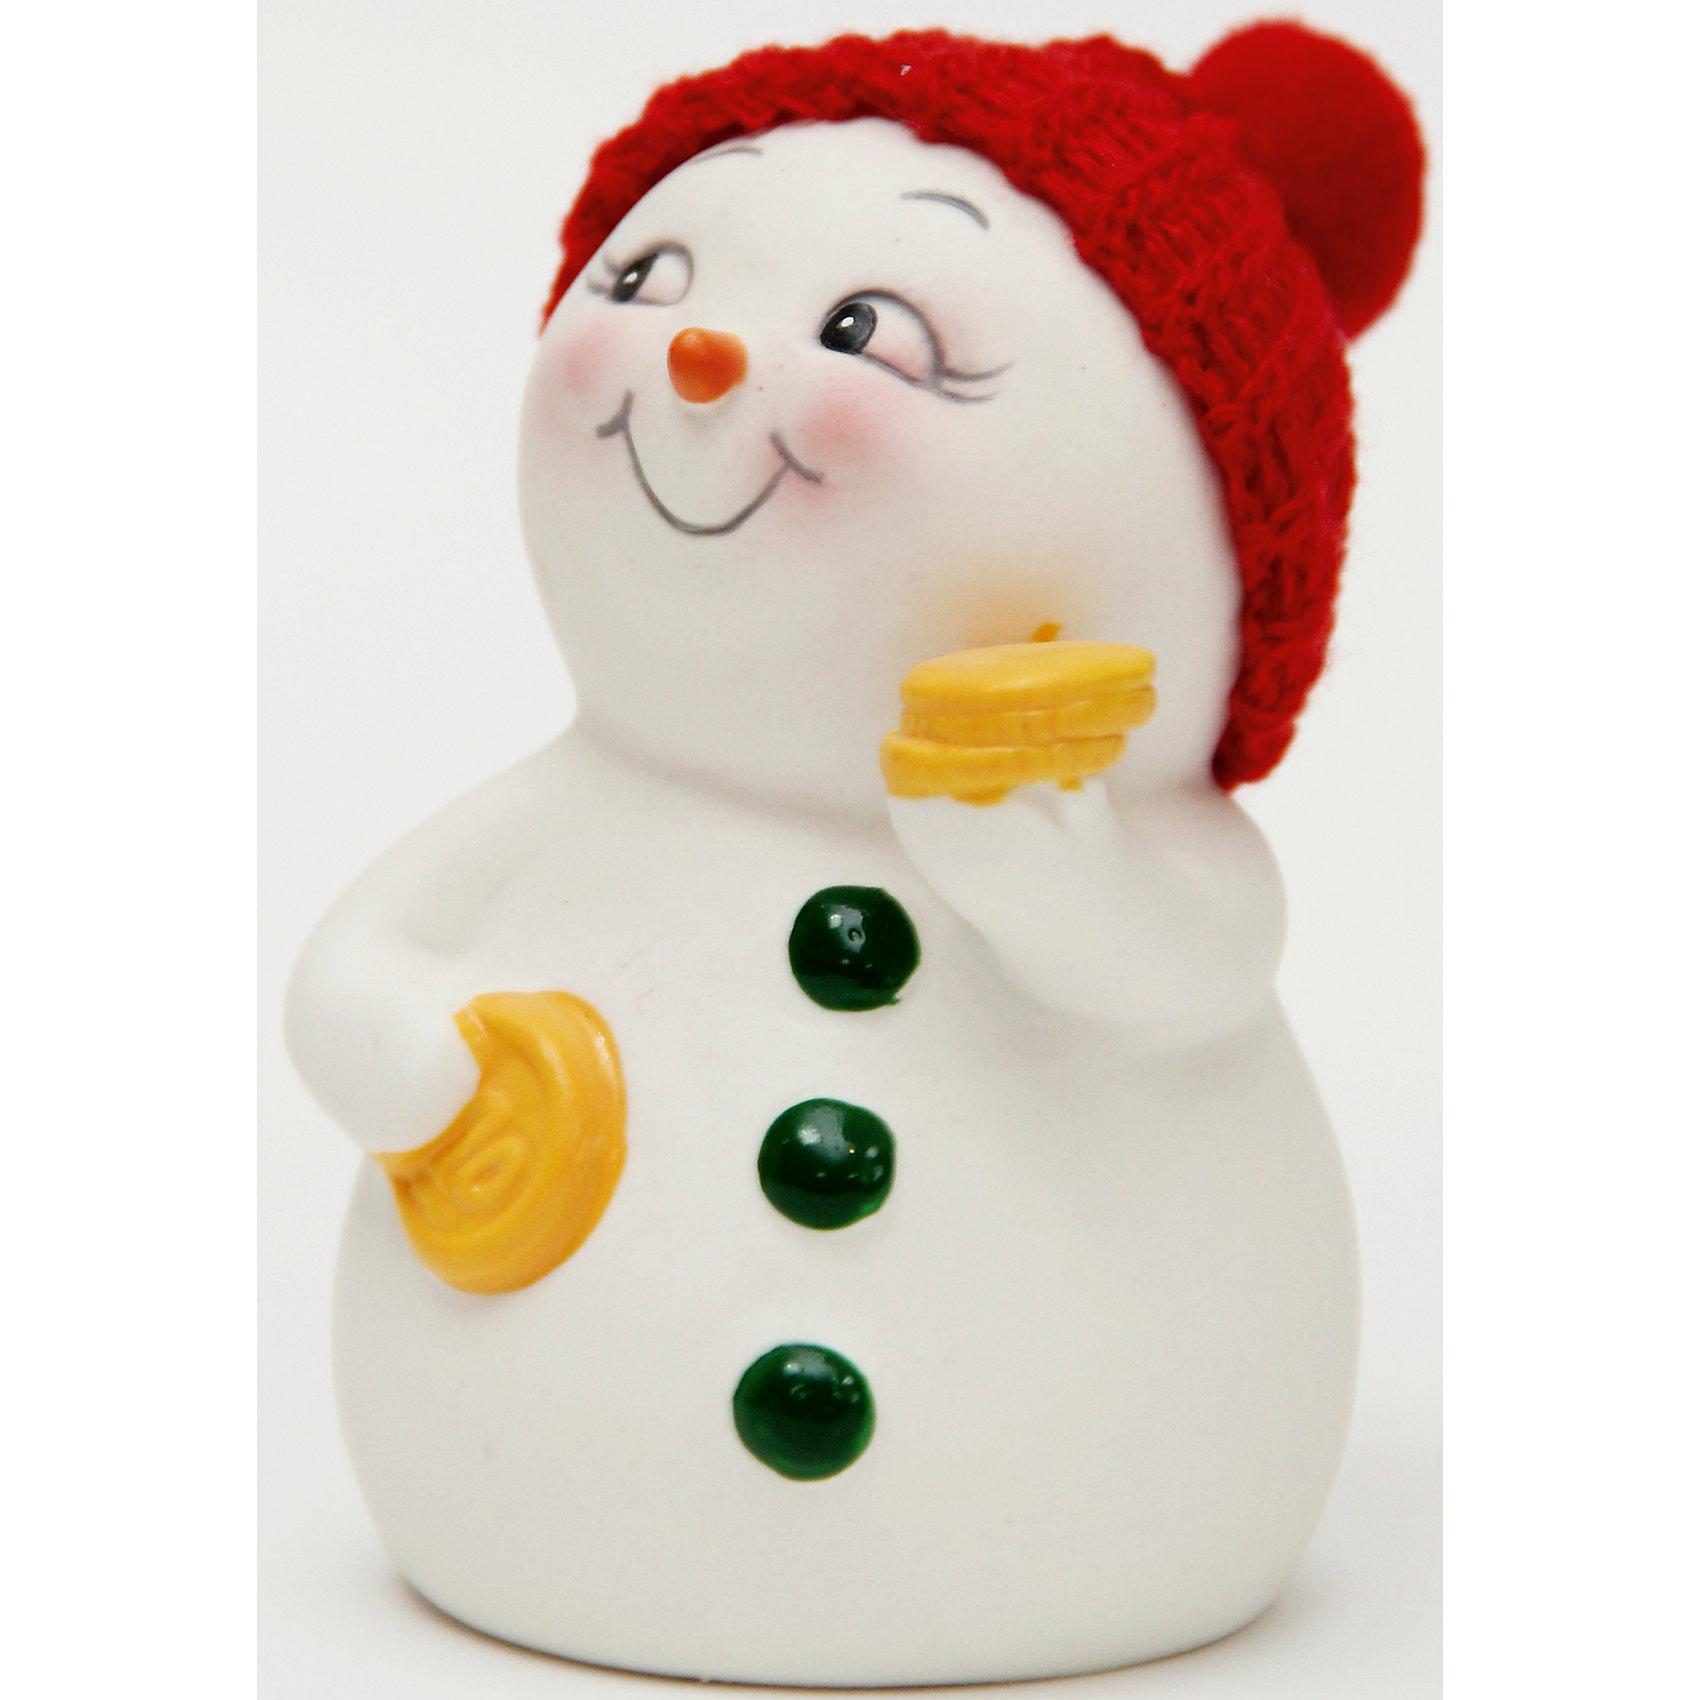 Керамический снеговик С монетамиВсё для праздника<br>Эта керамическая фигурка может стать отличным подарком на Новый год или украшением для дома! Особое время - сам праздник и предновогодние хлопоты - ждут не только дети, но и взрослые! Праздничное настроение создает в первую очередь украшенный дом и наряженная ёлка. <br>Эта фигурка создаст особый настрой, она выглядит очень празднично и симпатично. Изделие произведено из безопасного для детей материала. Создайте с ним праздничное настроение себе и близким!<br><br>Дополнительная информация:<br><br>цвет: разноцветный;<br>материал: керамика;<br>размер: 8 см.<br><br>Керамический снеговик С монетами можно купить в нашем магазине.<br><br>Ширина мм: 150<br>Глубина мм: 150<br>Высота мм: 60<br>Вес г: 104<br>Возраст от месяцев: 36<br>Возраст до месяцев: 2147483647<br>Пол: Унисекс<br>Возраст: Детский<br>SKU: 4981674